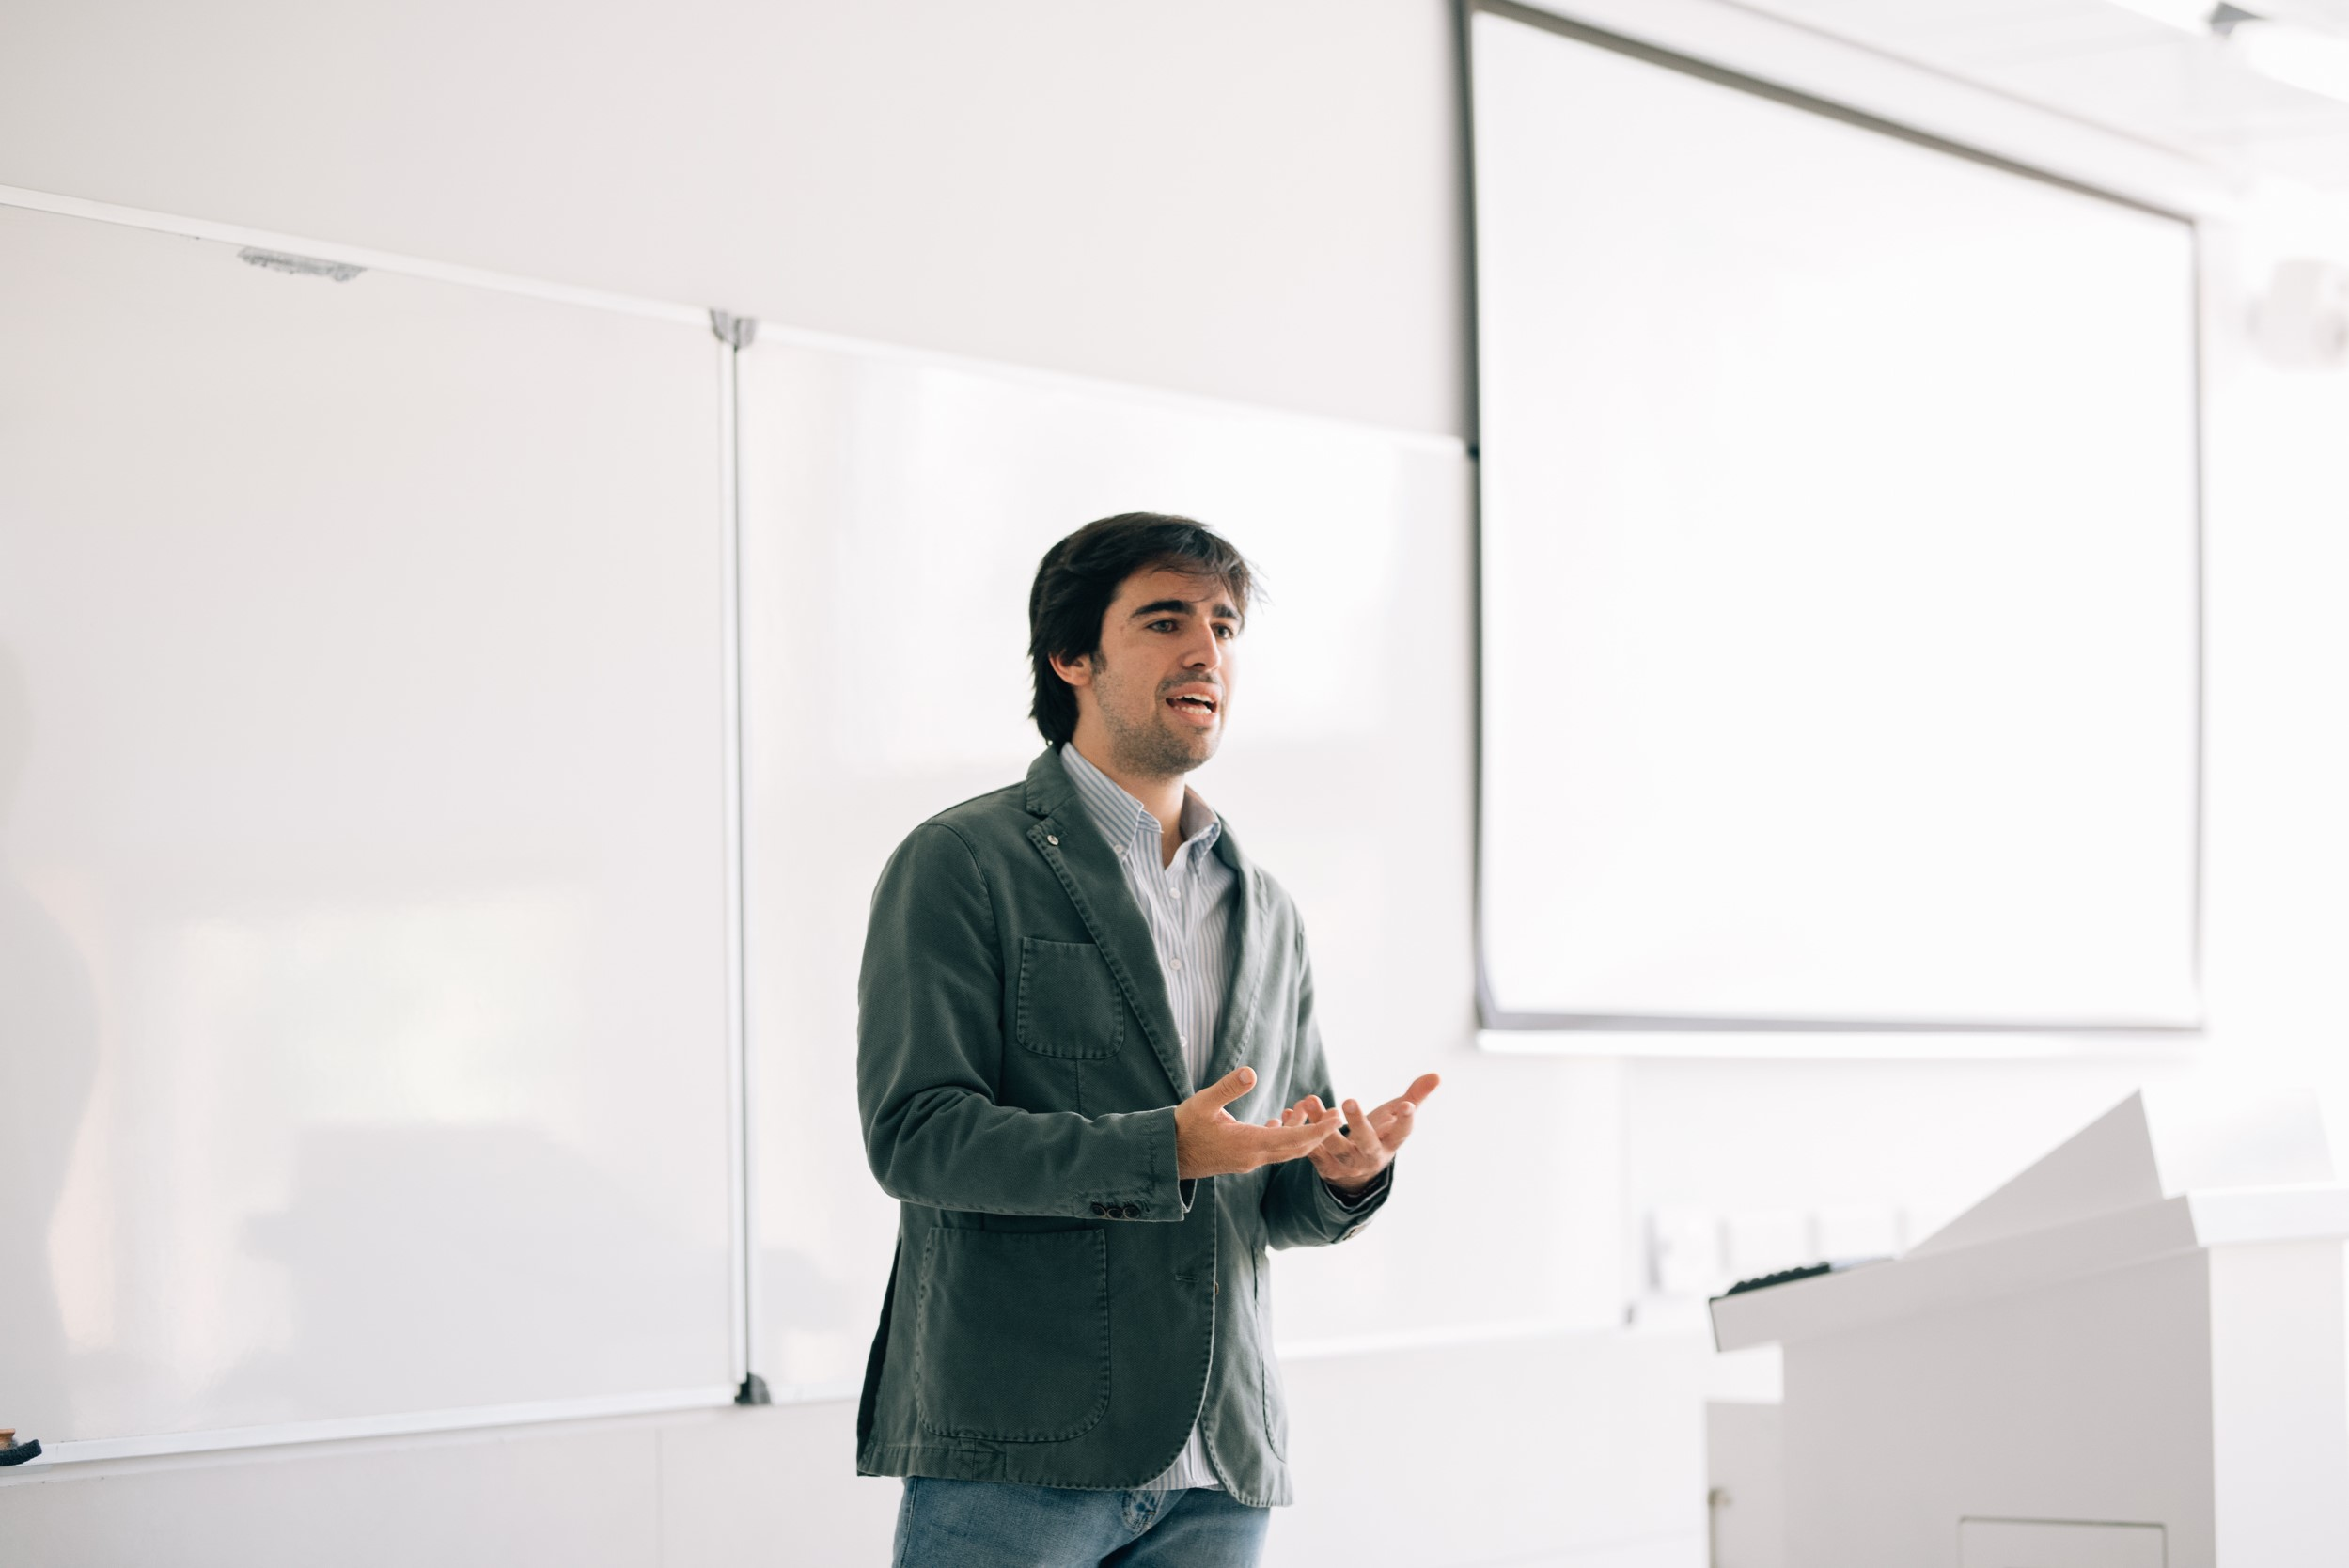 Misión - Facilitar el desarrollo profesional y personal de los estudiantes mediante la creación de una comunidad que sirva de nexo entre las empresas y los universitarios.